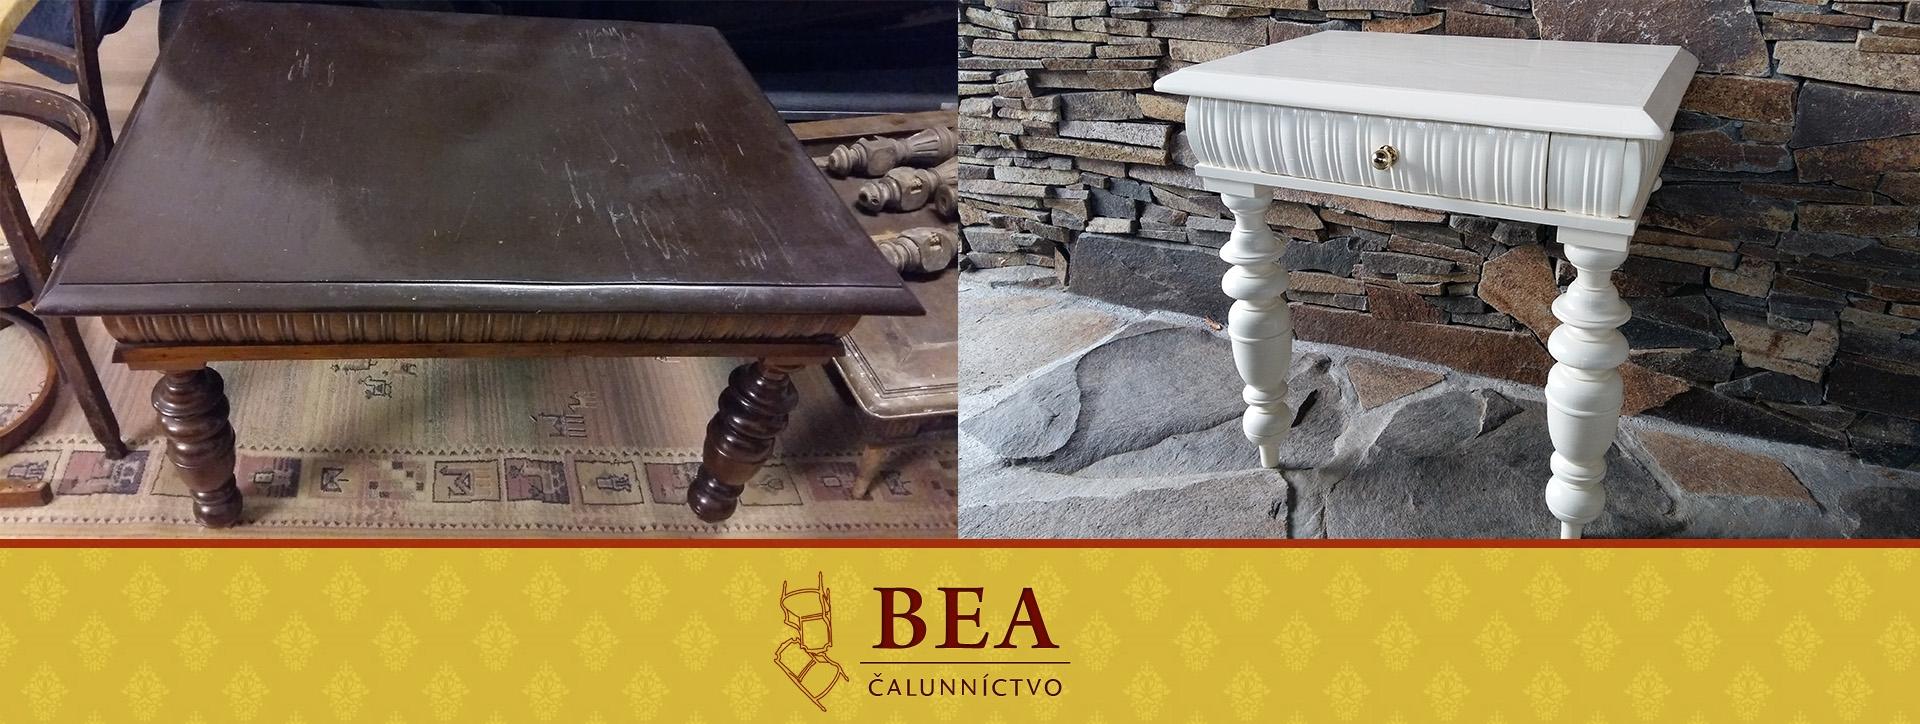 renovacia-starozitneho-nabytku-stolik3